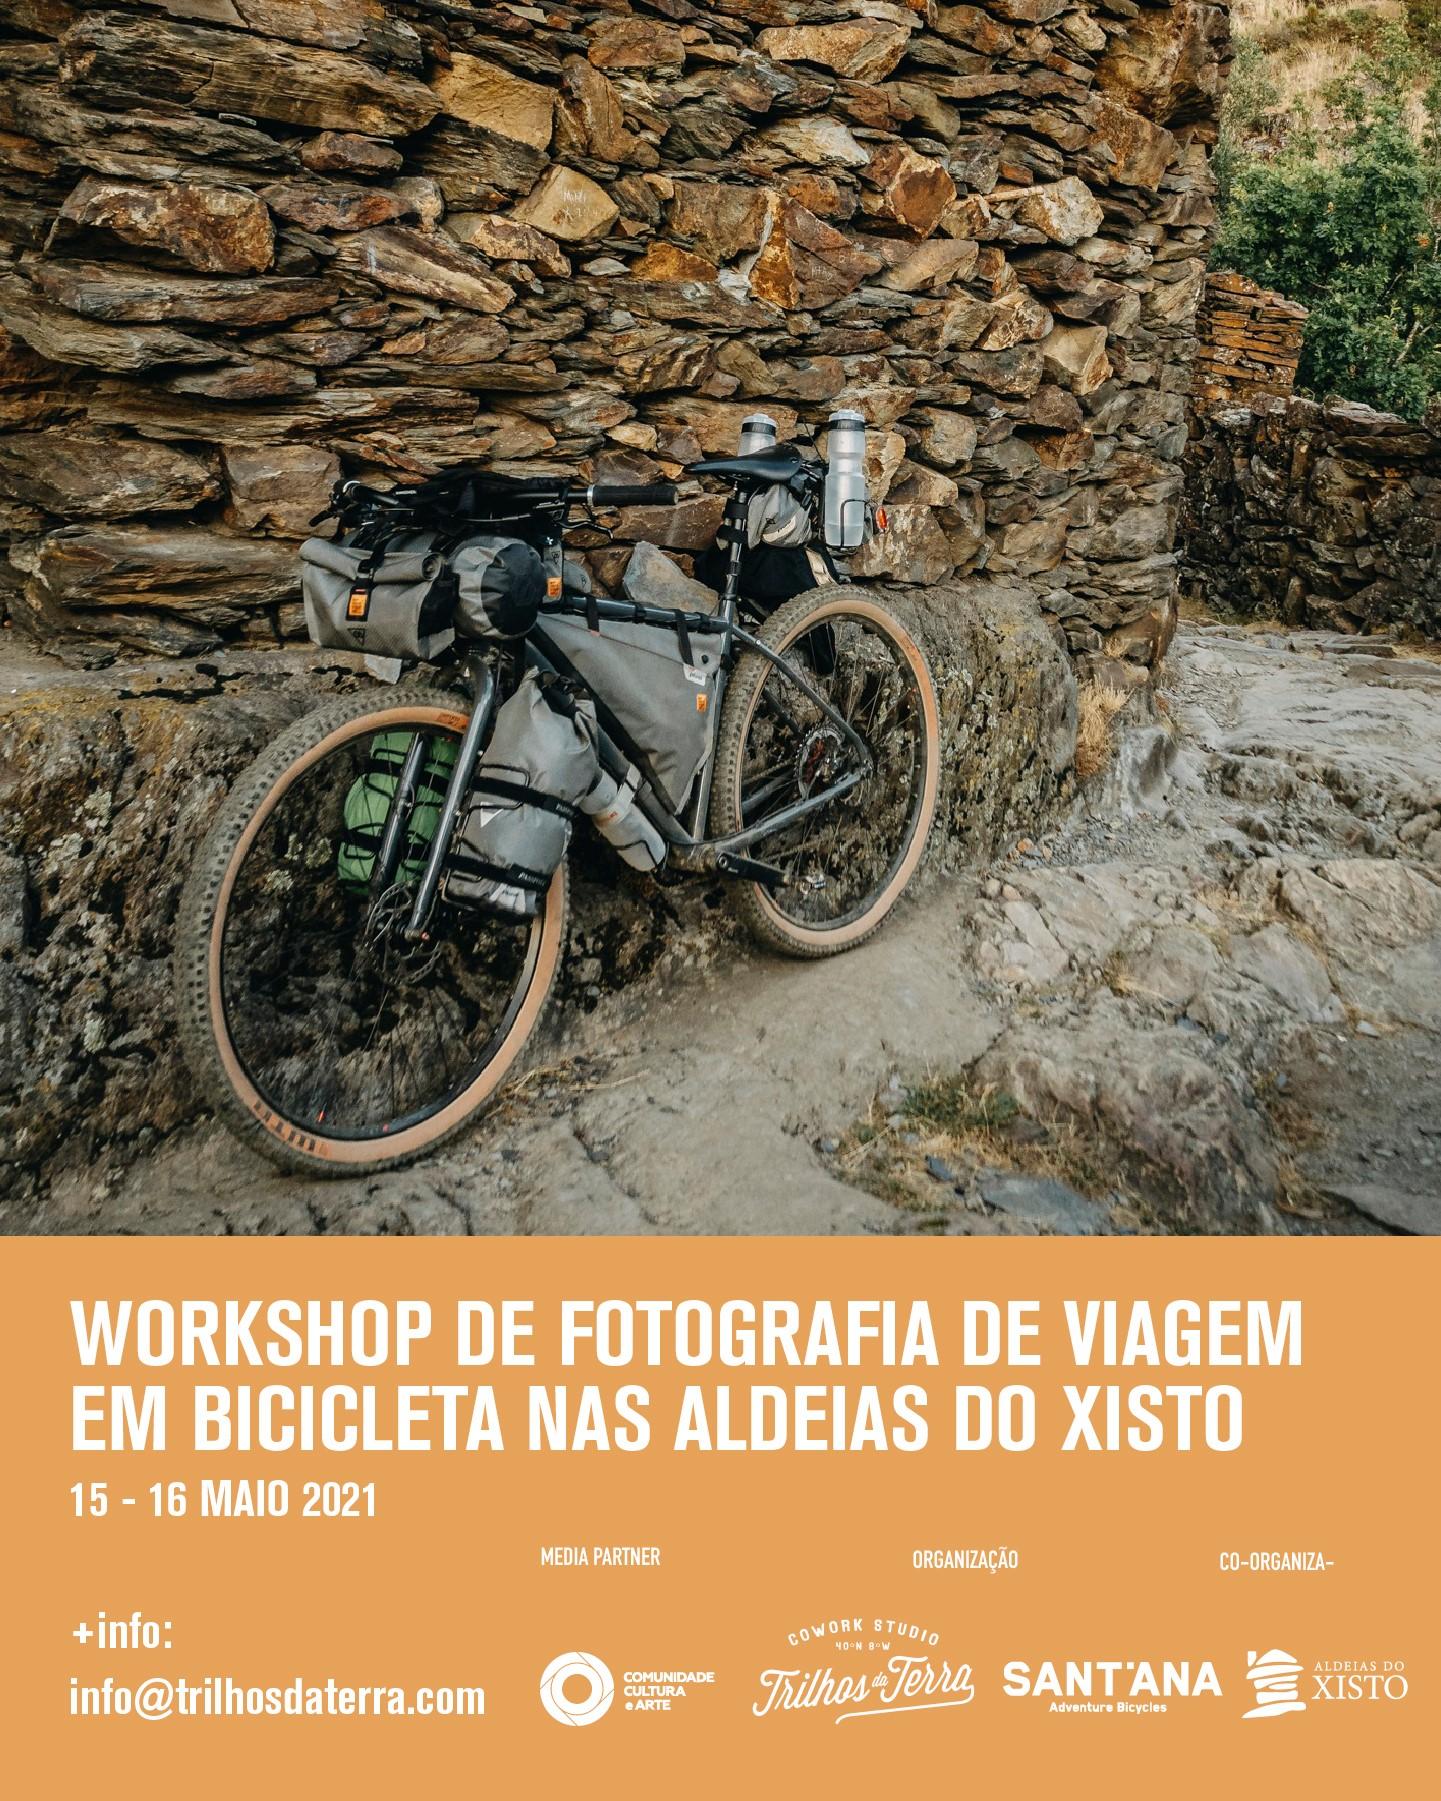 Workshop de Fotografia de Viagem em Bicicleta nas Aldeias do Xisto